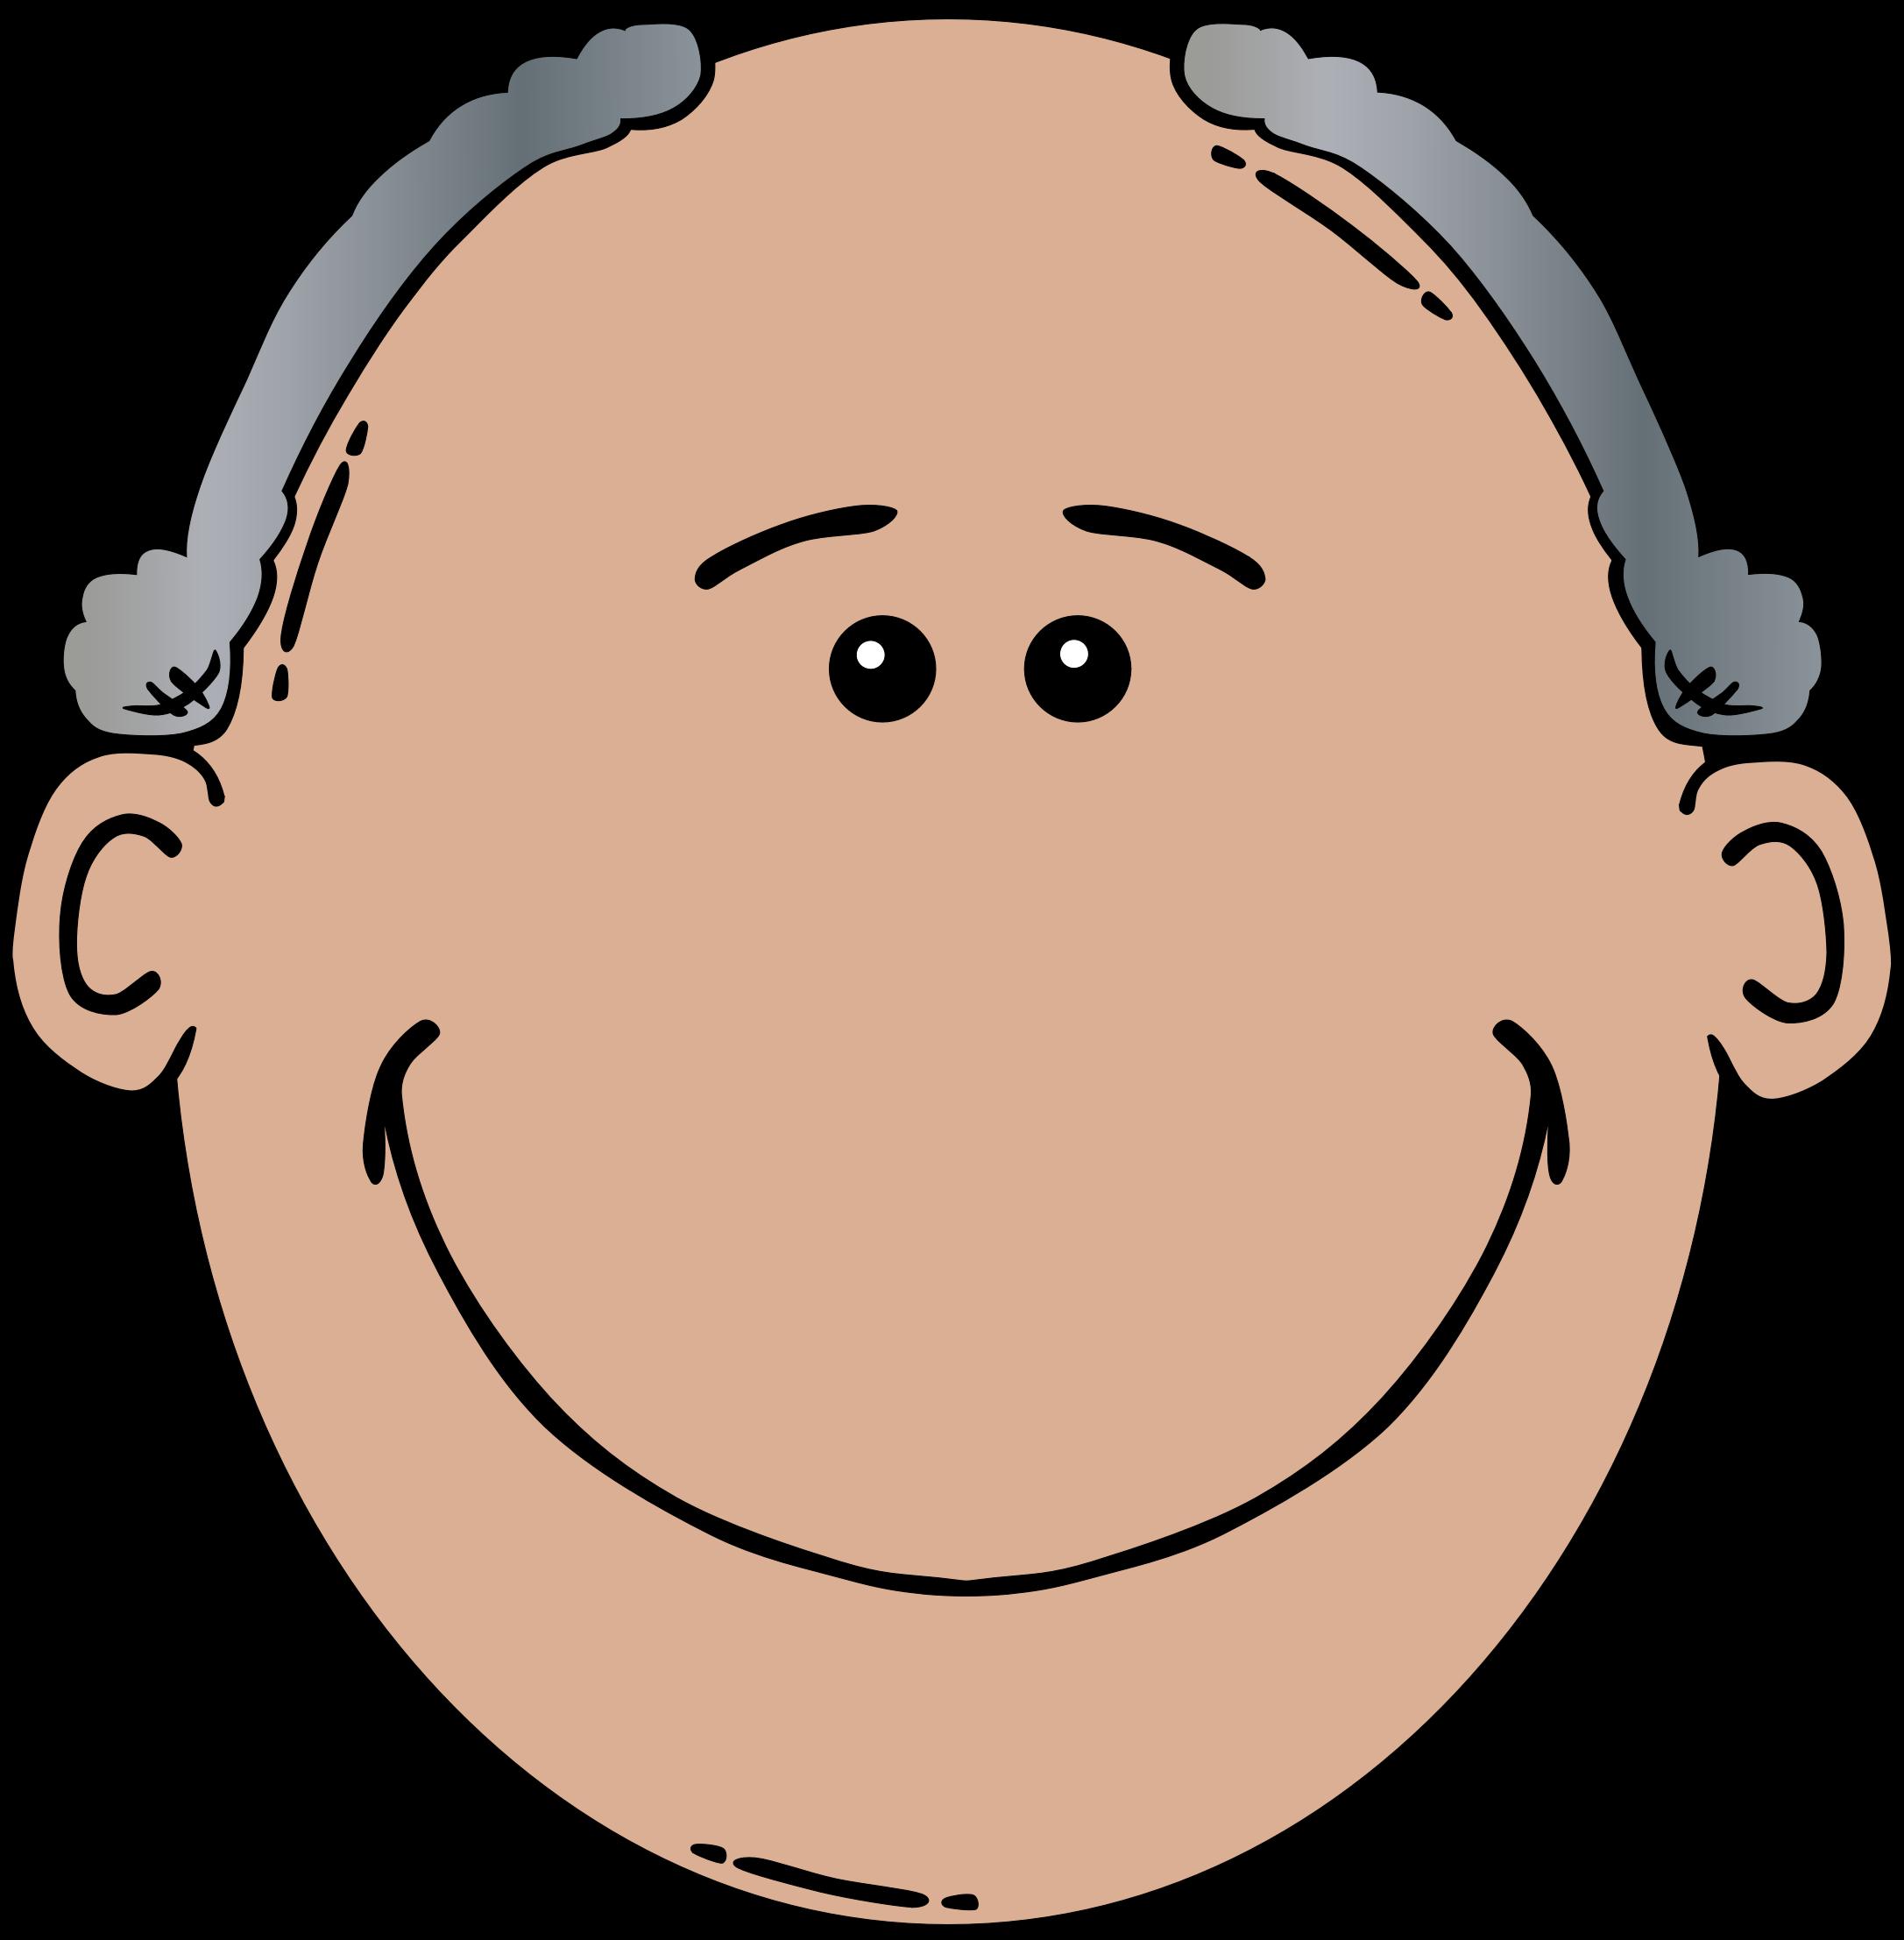 2173x2214 Old Man Face Clip Art Clipartfest